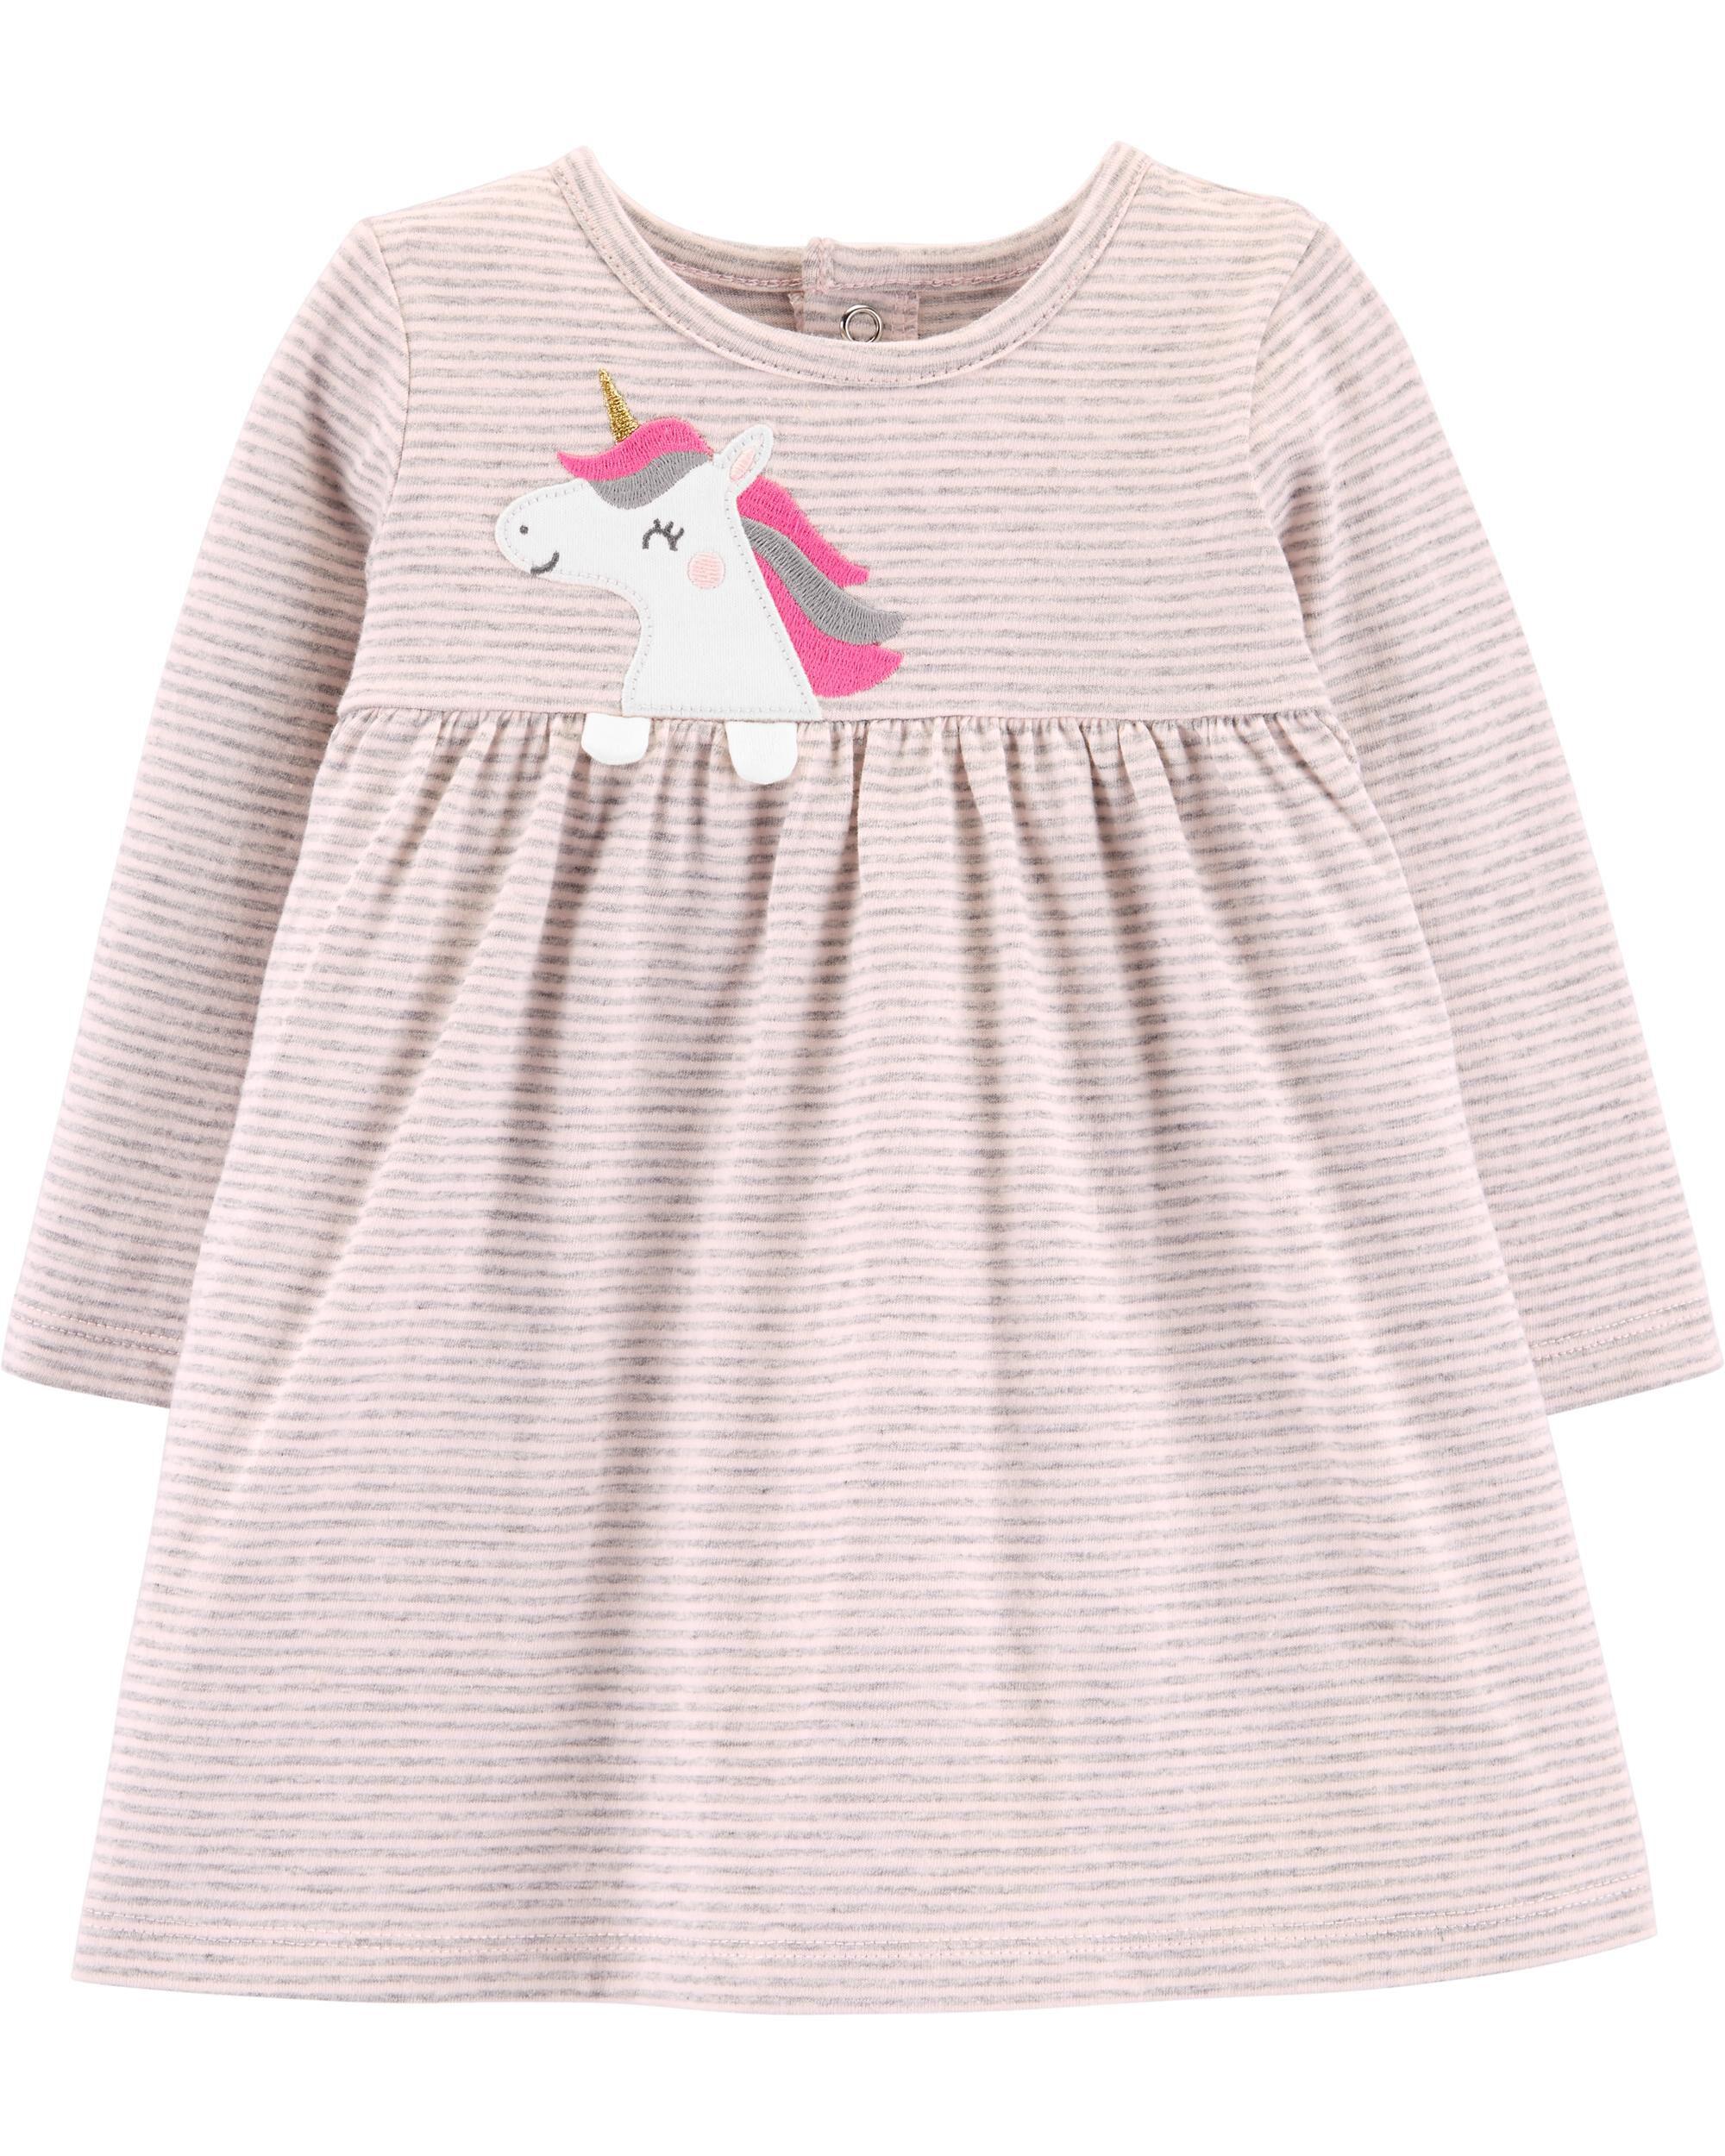 *Clearance*  Striped Unicorn Jersey Dress